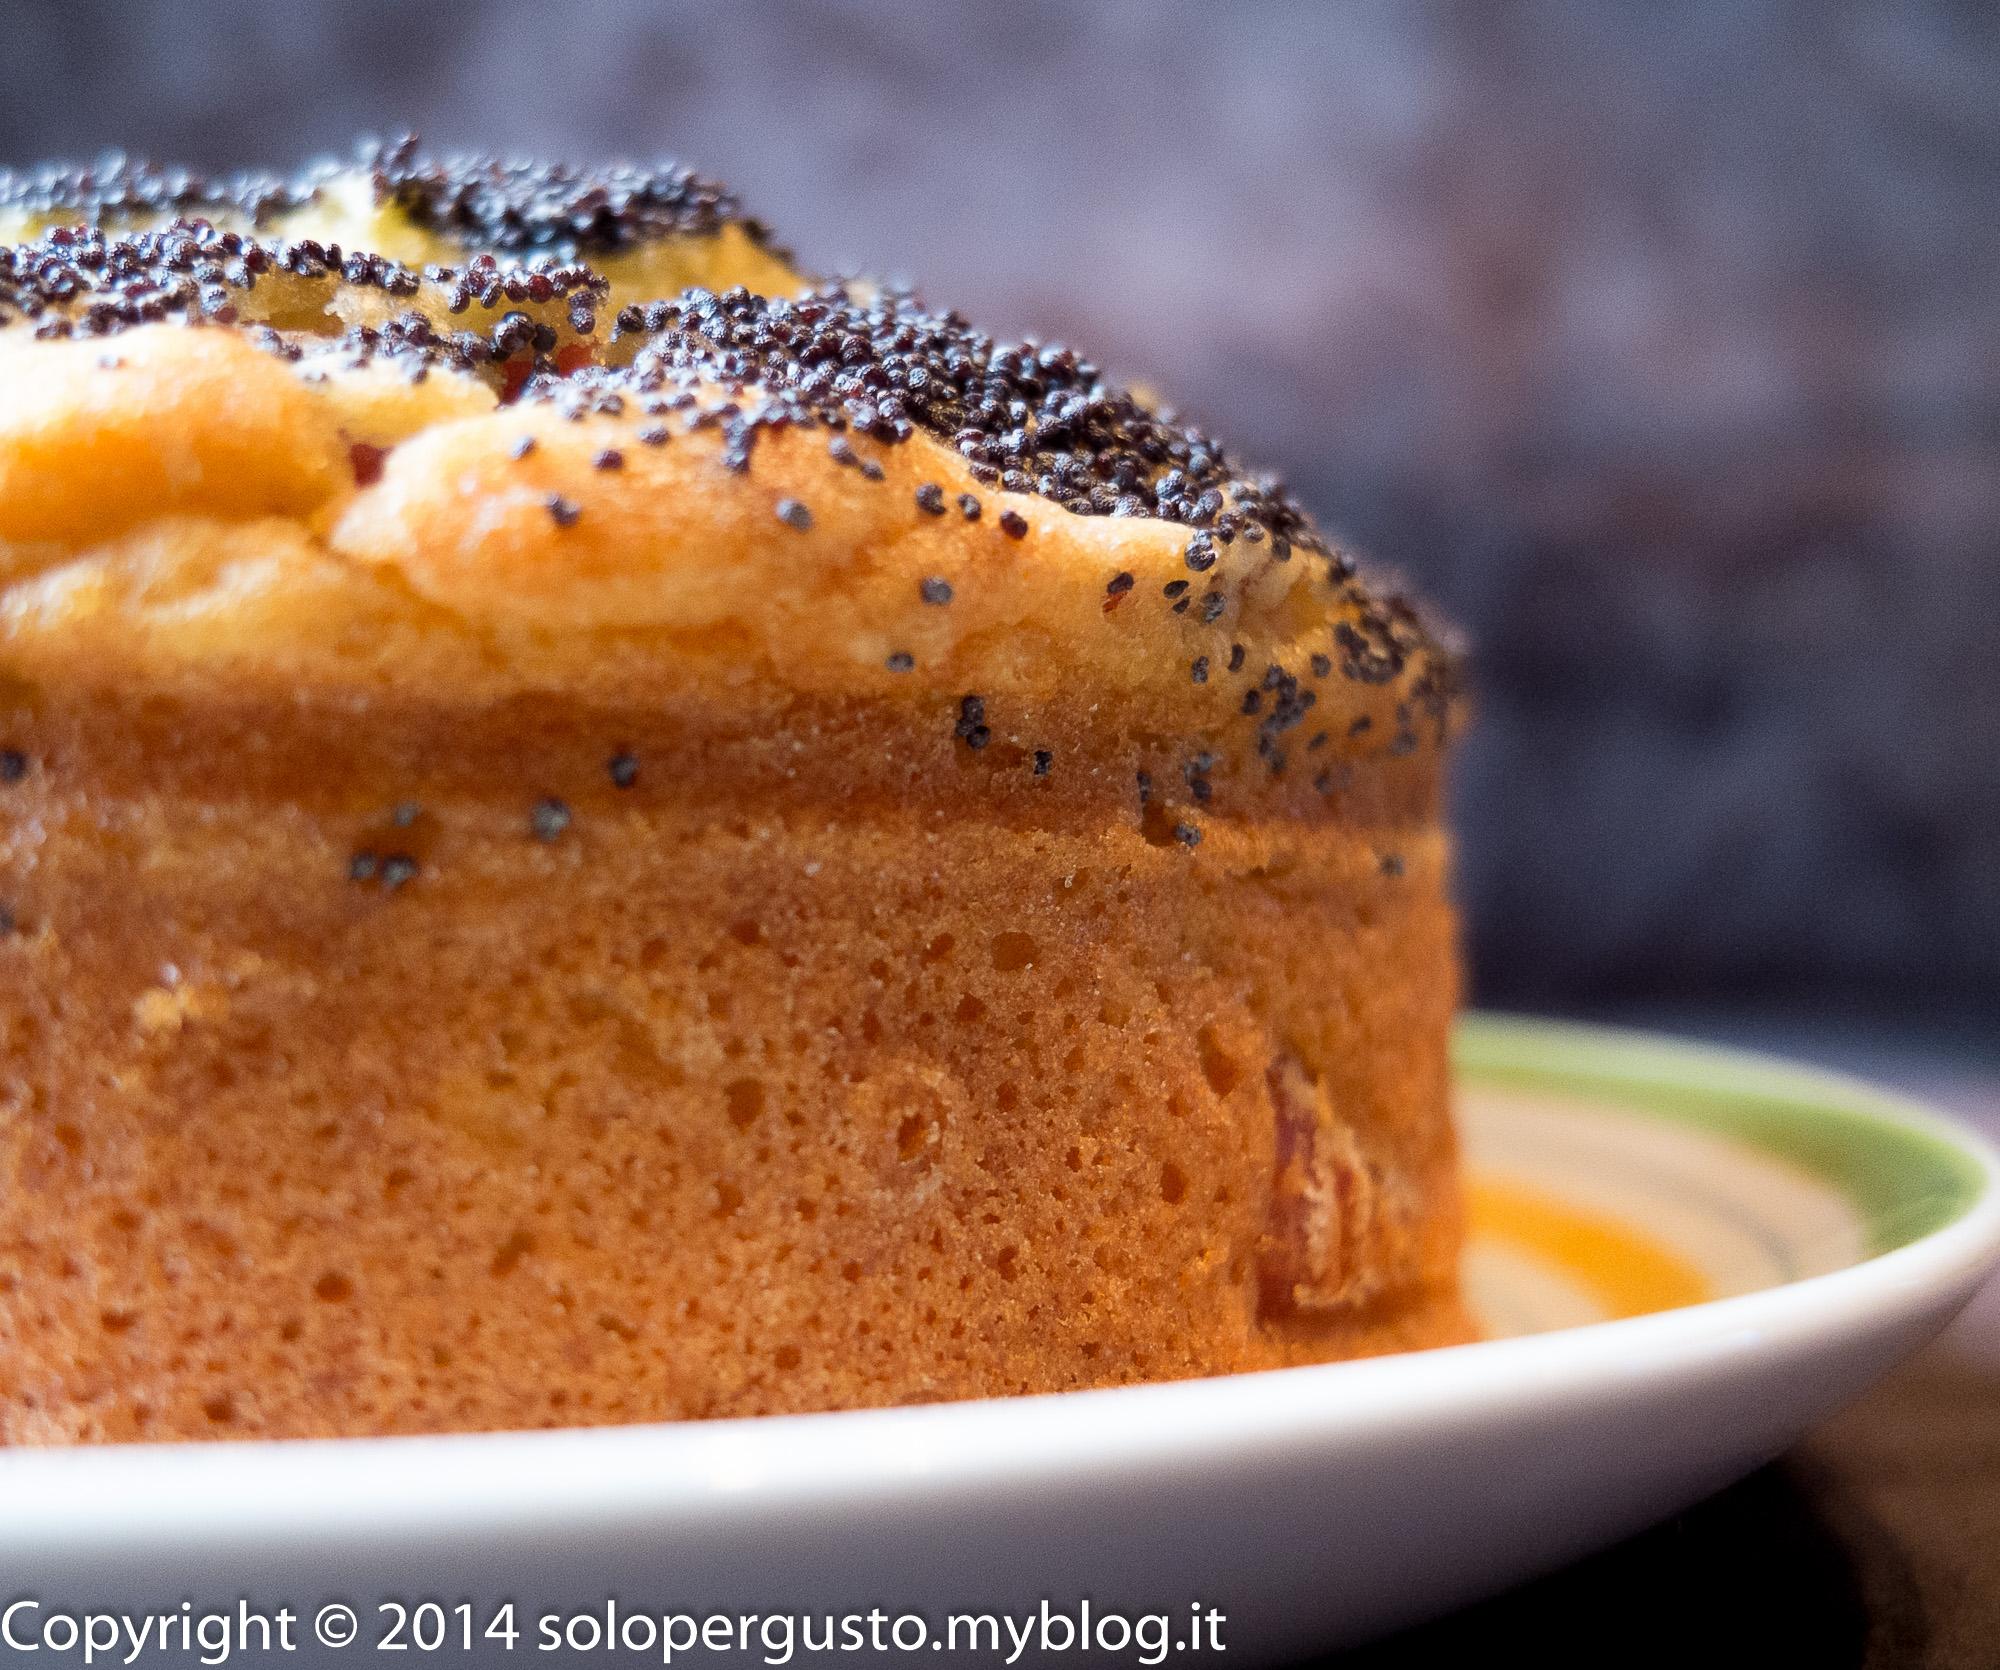 [Ricetta] Torta rustica stracchino mortadella e semi di papavero blu